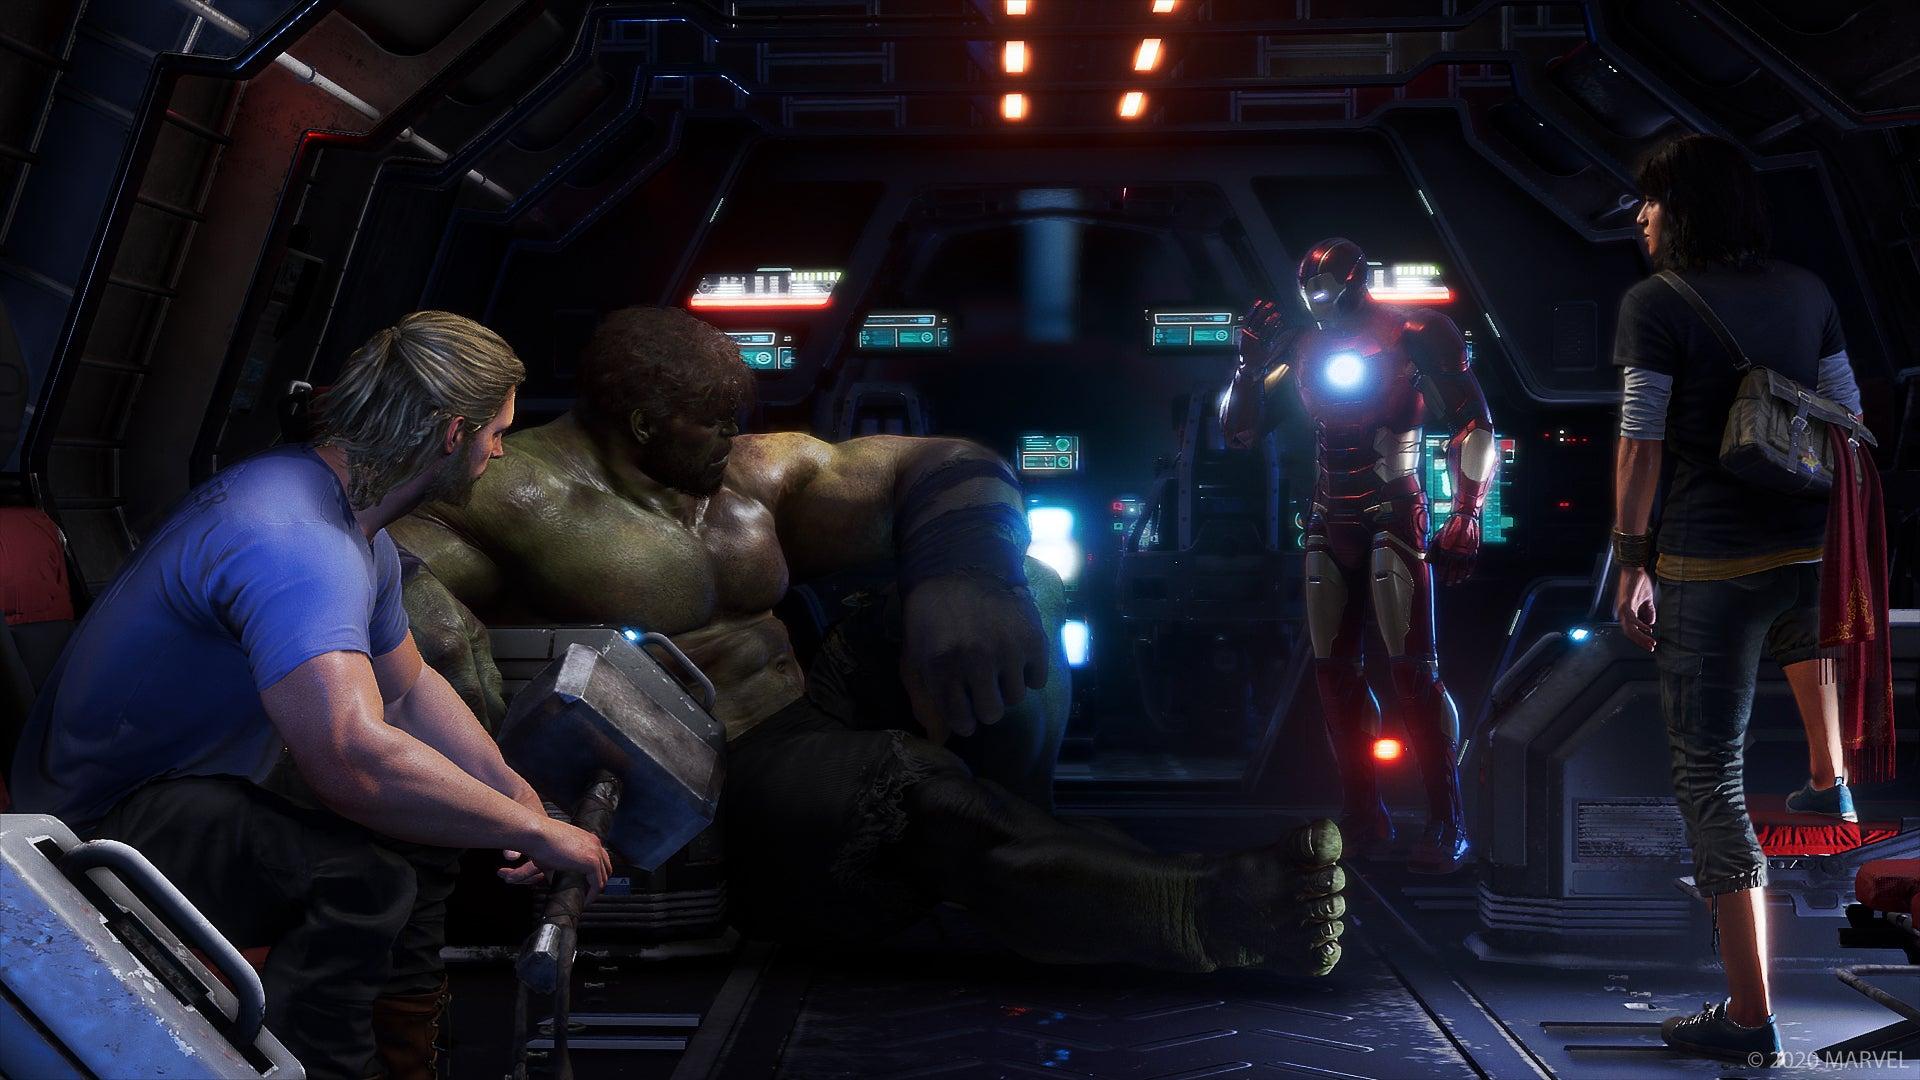 Thor, Hulk, Iron & Kamala Khan gathered in meeting.